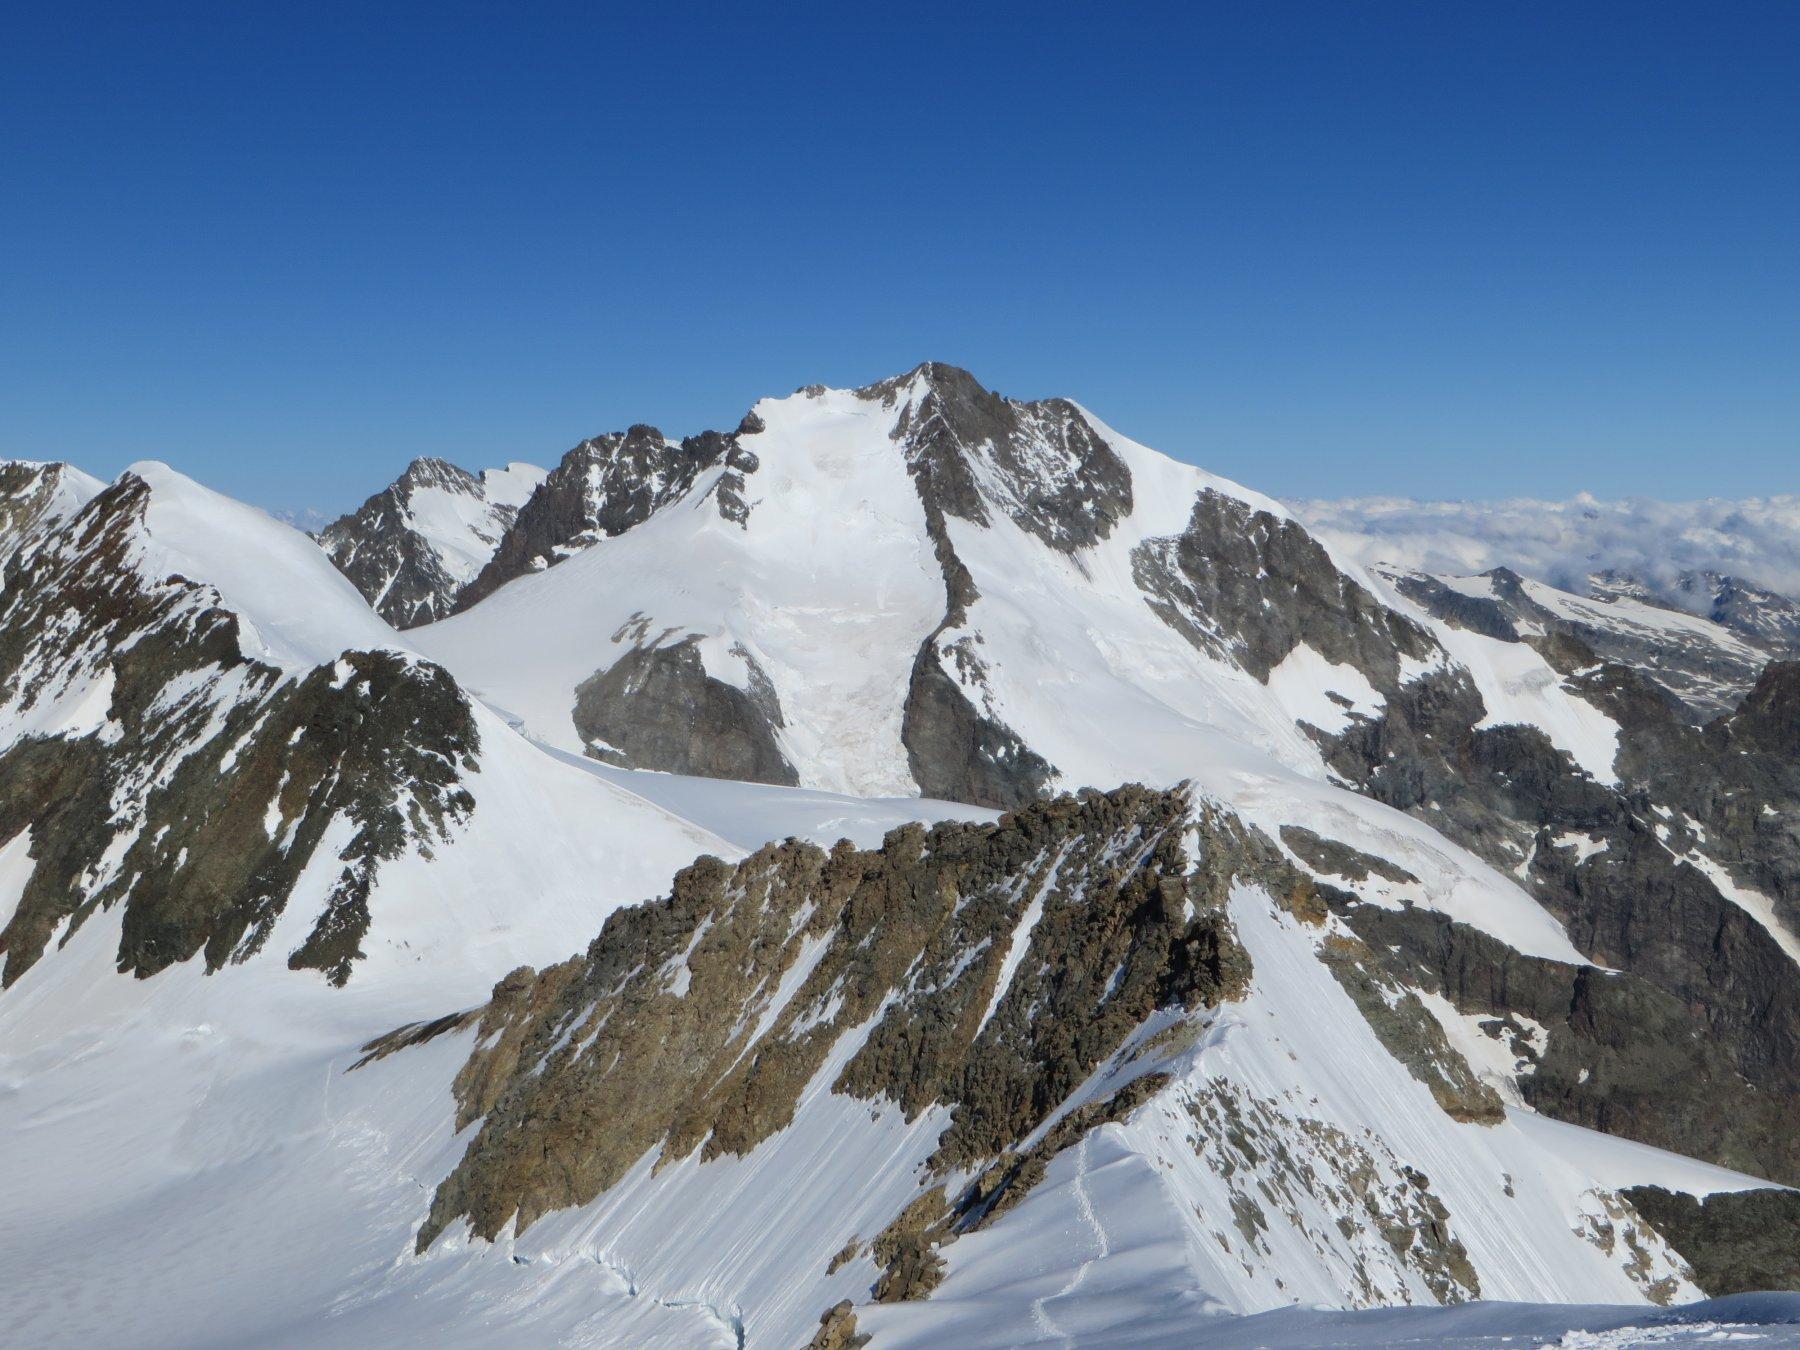 La cresta per raggiungere il Palù Occidentale con sullo sfondo il Bernina